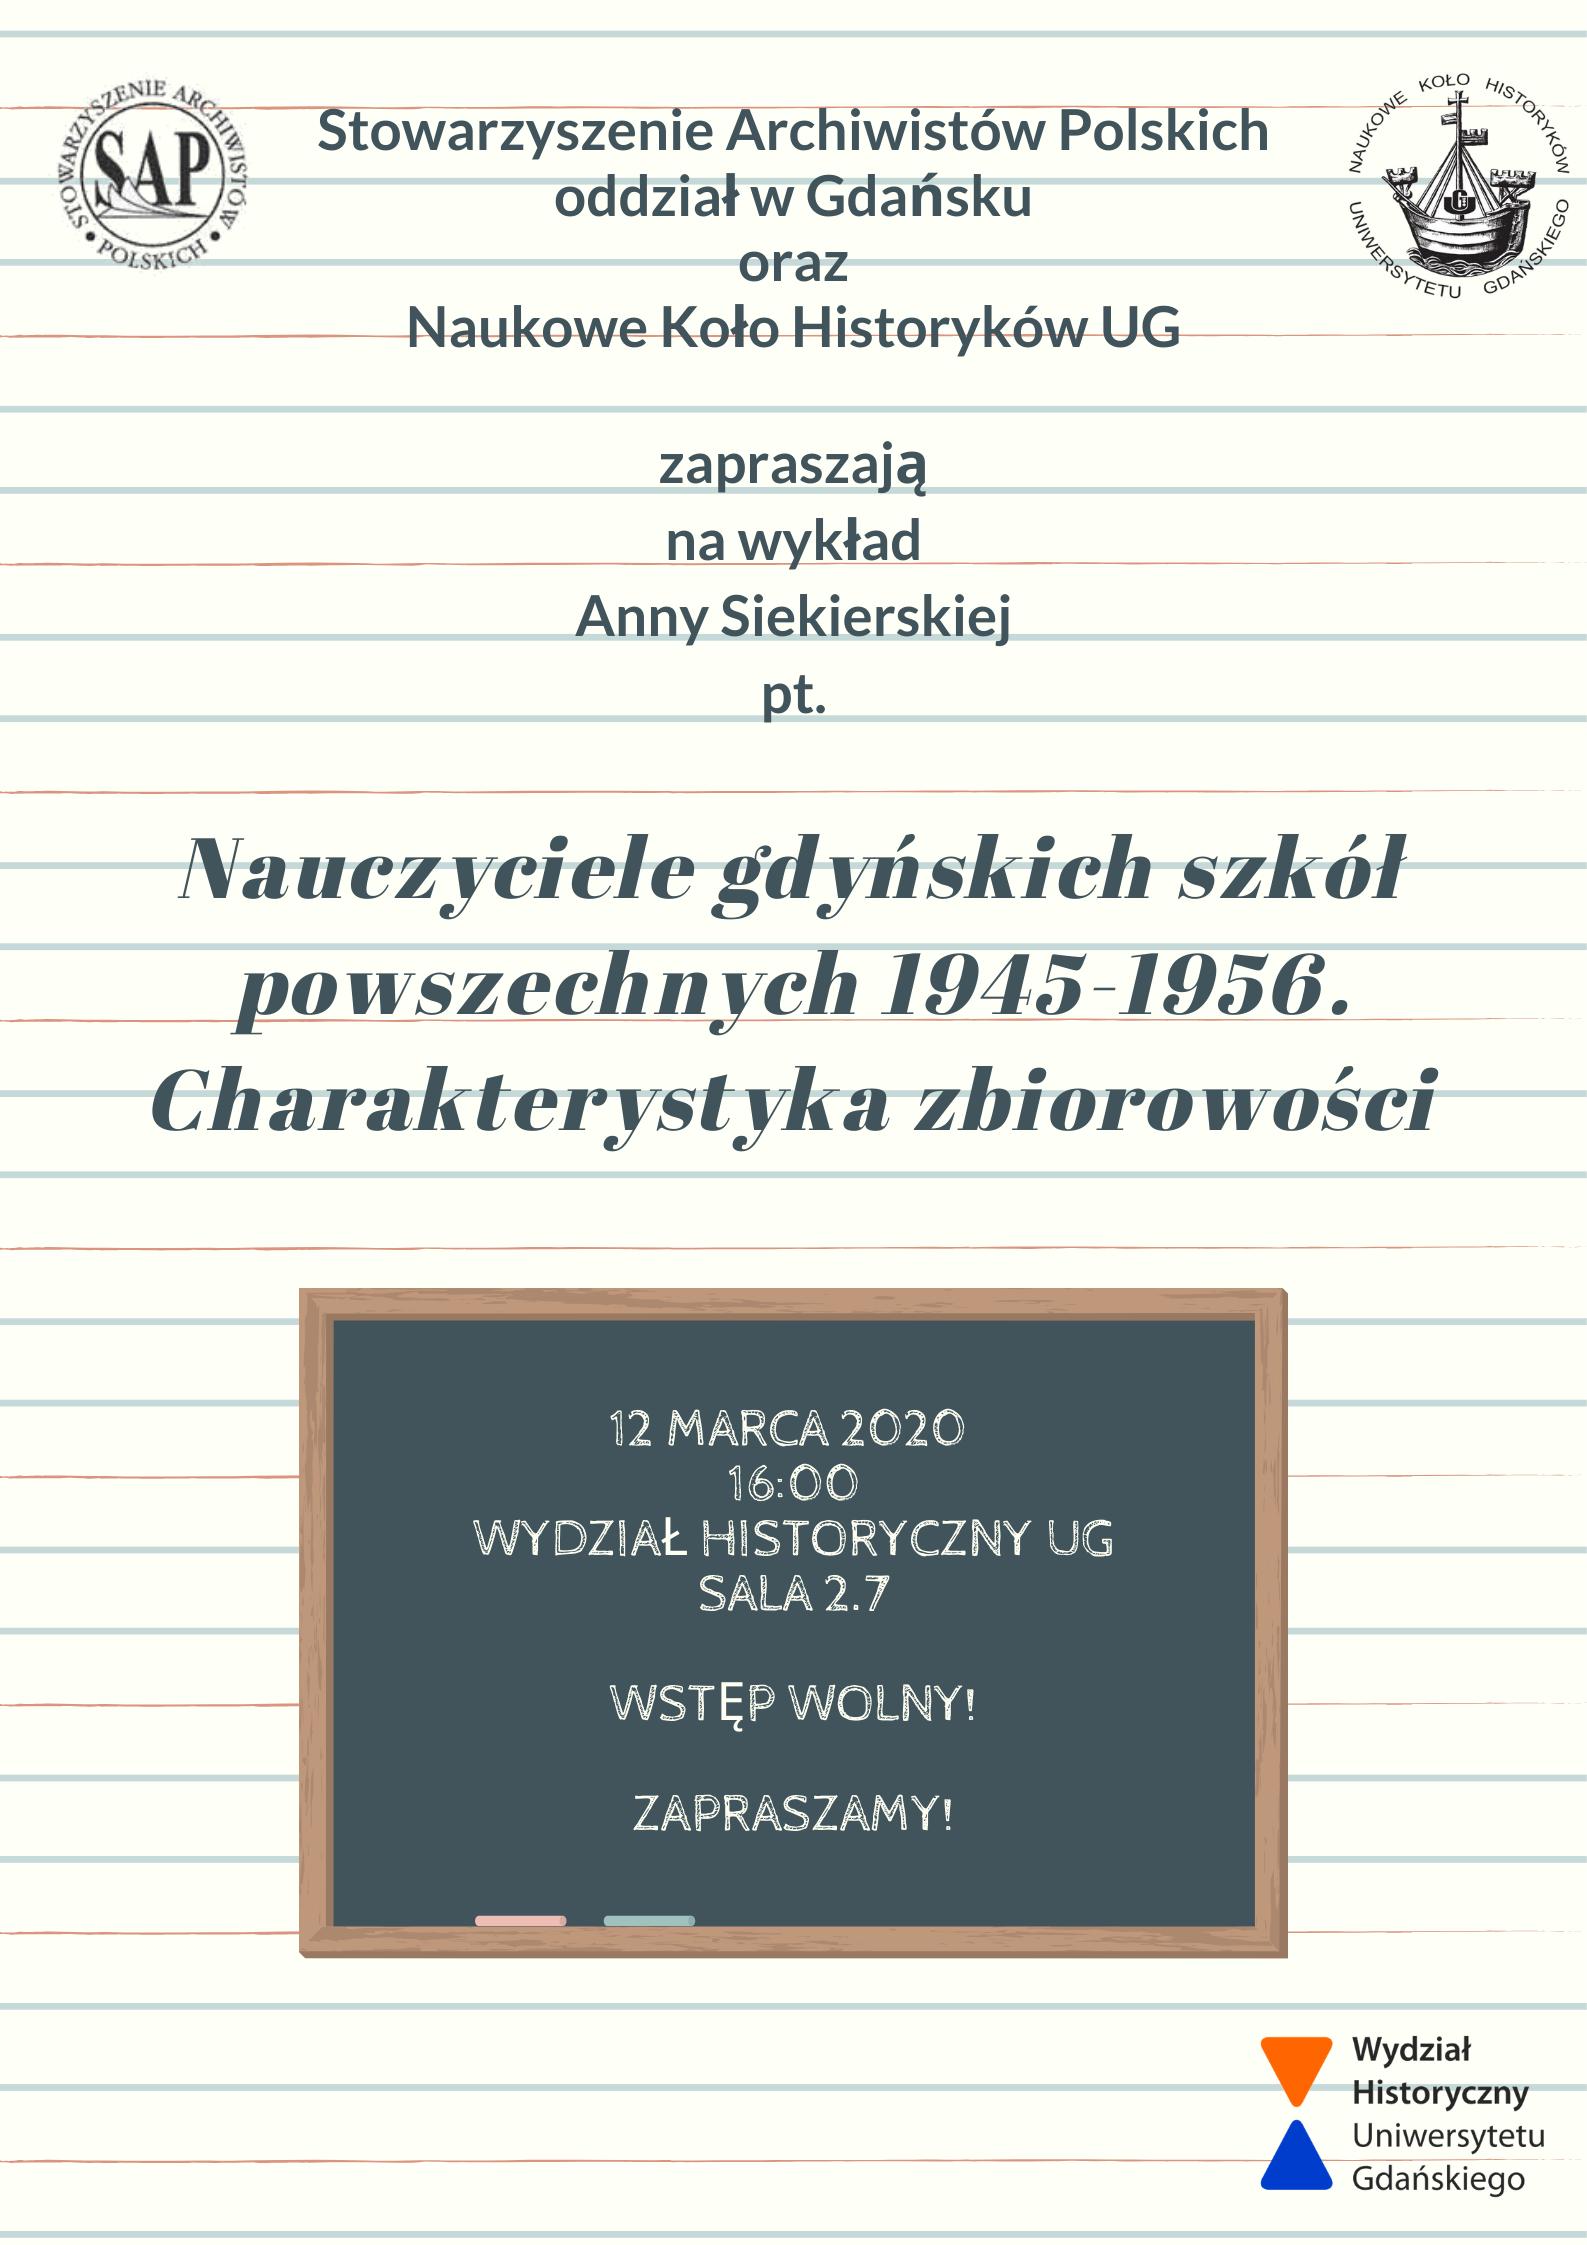 """Plakat z zaproszeniem na wykład pod tytułem """"Nauczyciele gdańskich szkół powszechnych 1945-1956. Charakterystyka zbiorowości"""""""